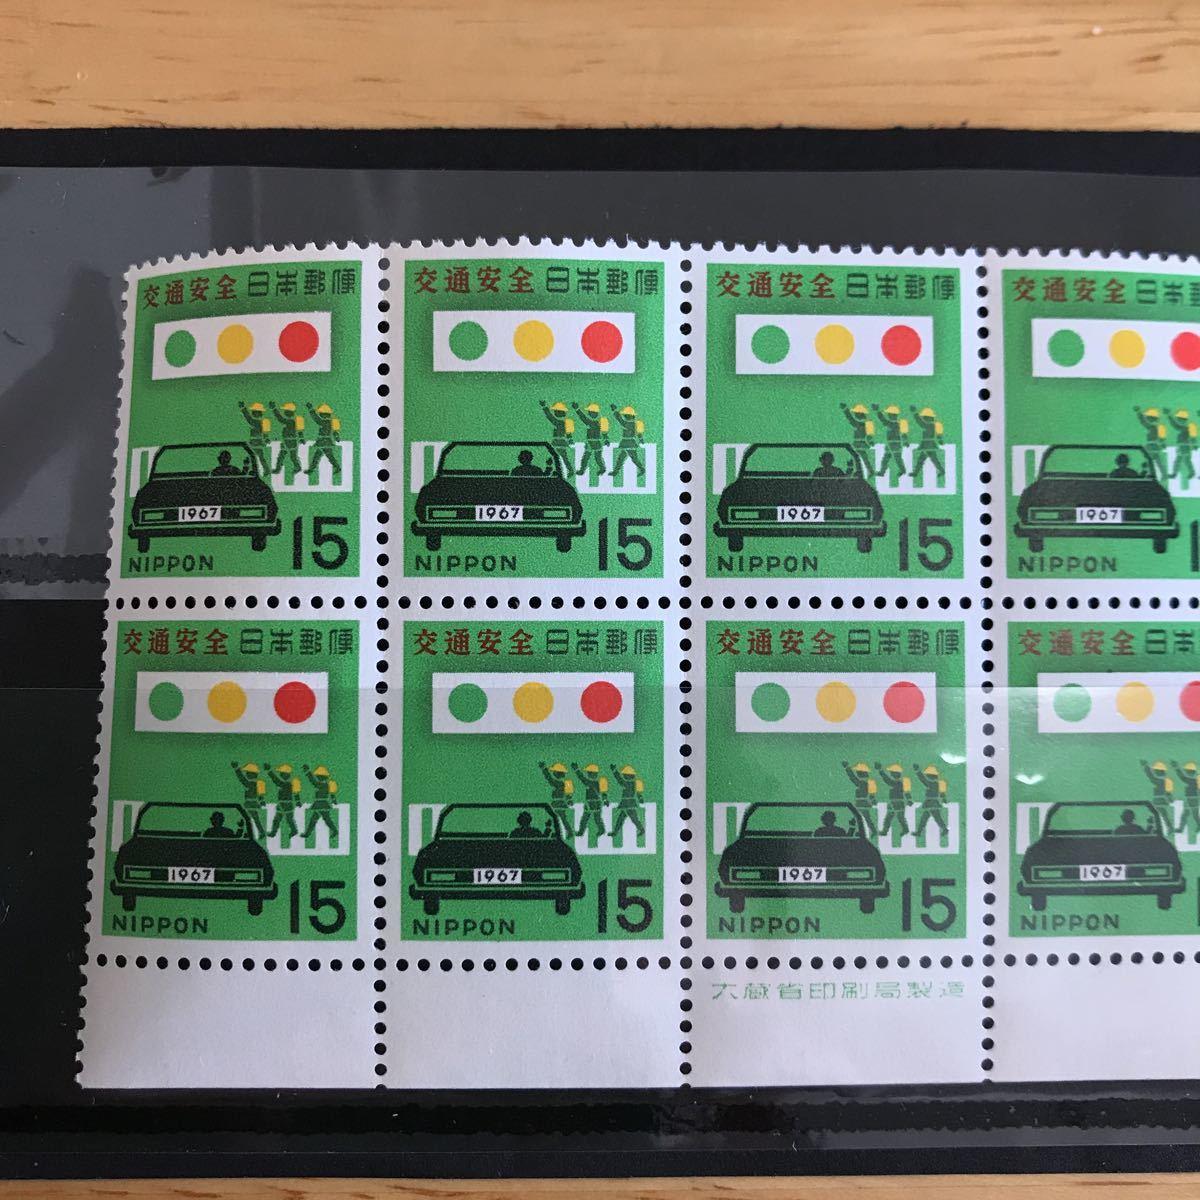 【未使用】 切手 ブロック 交通安全 1967年 15円x10枚 額面150円 銘版付き_画像2